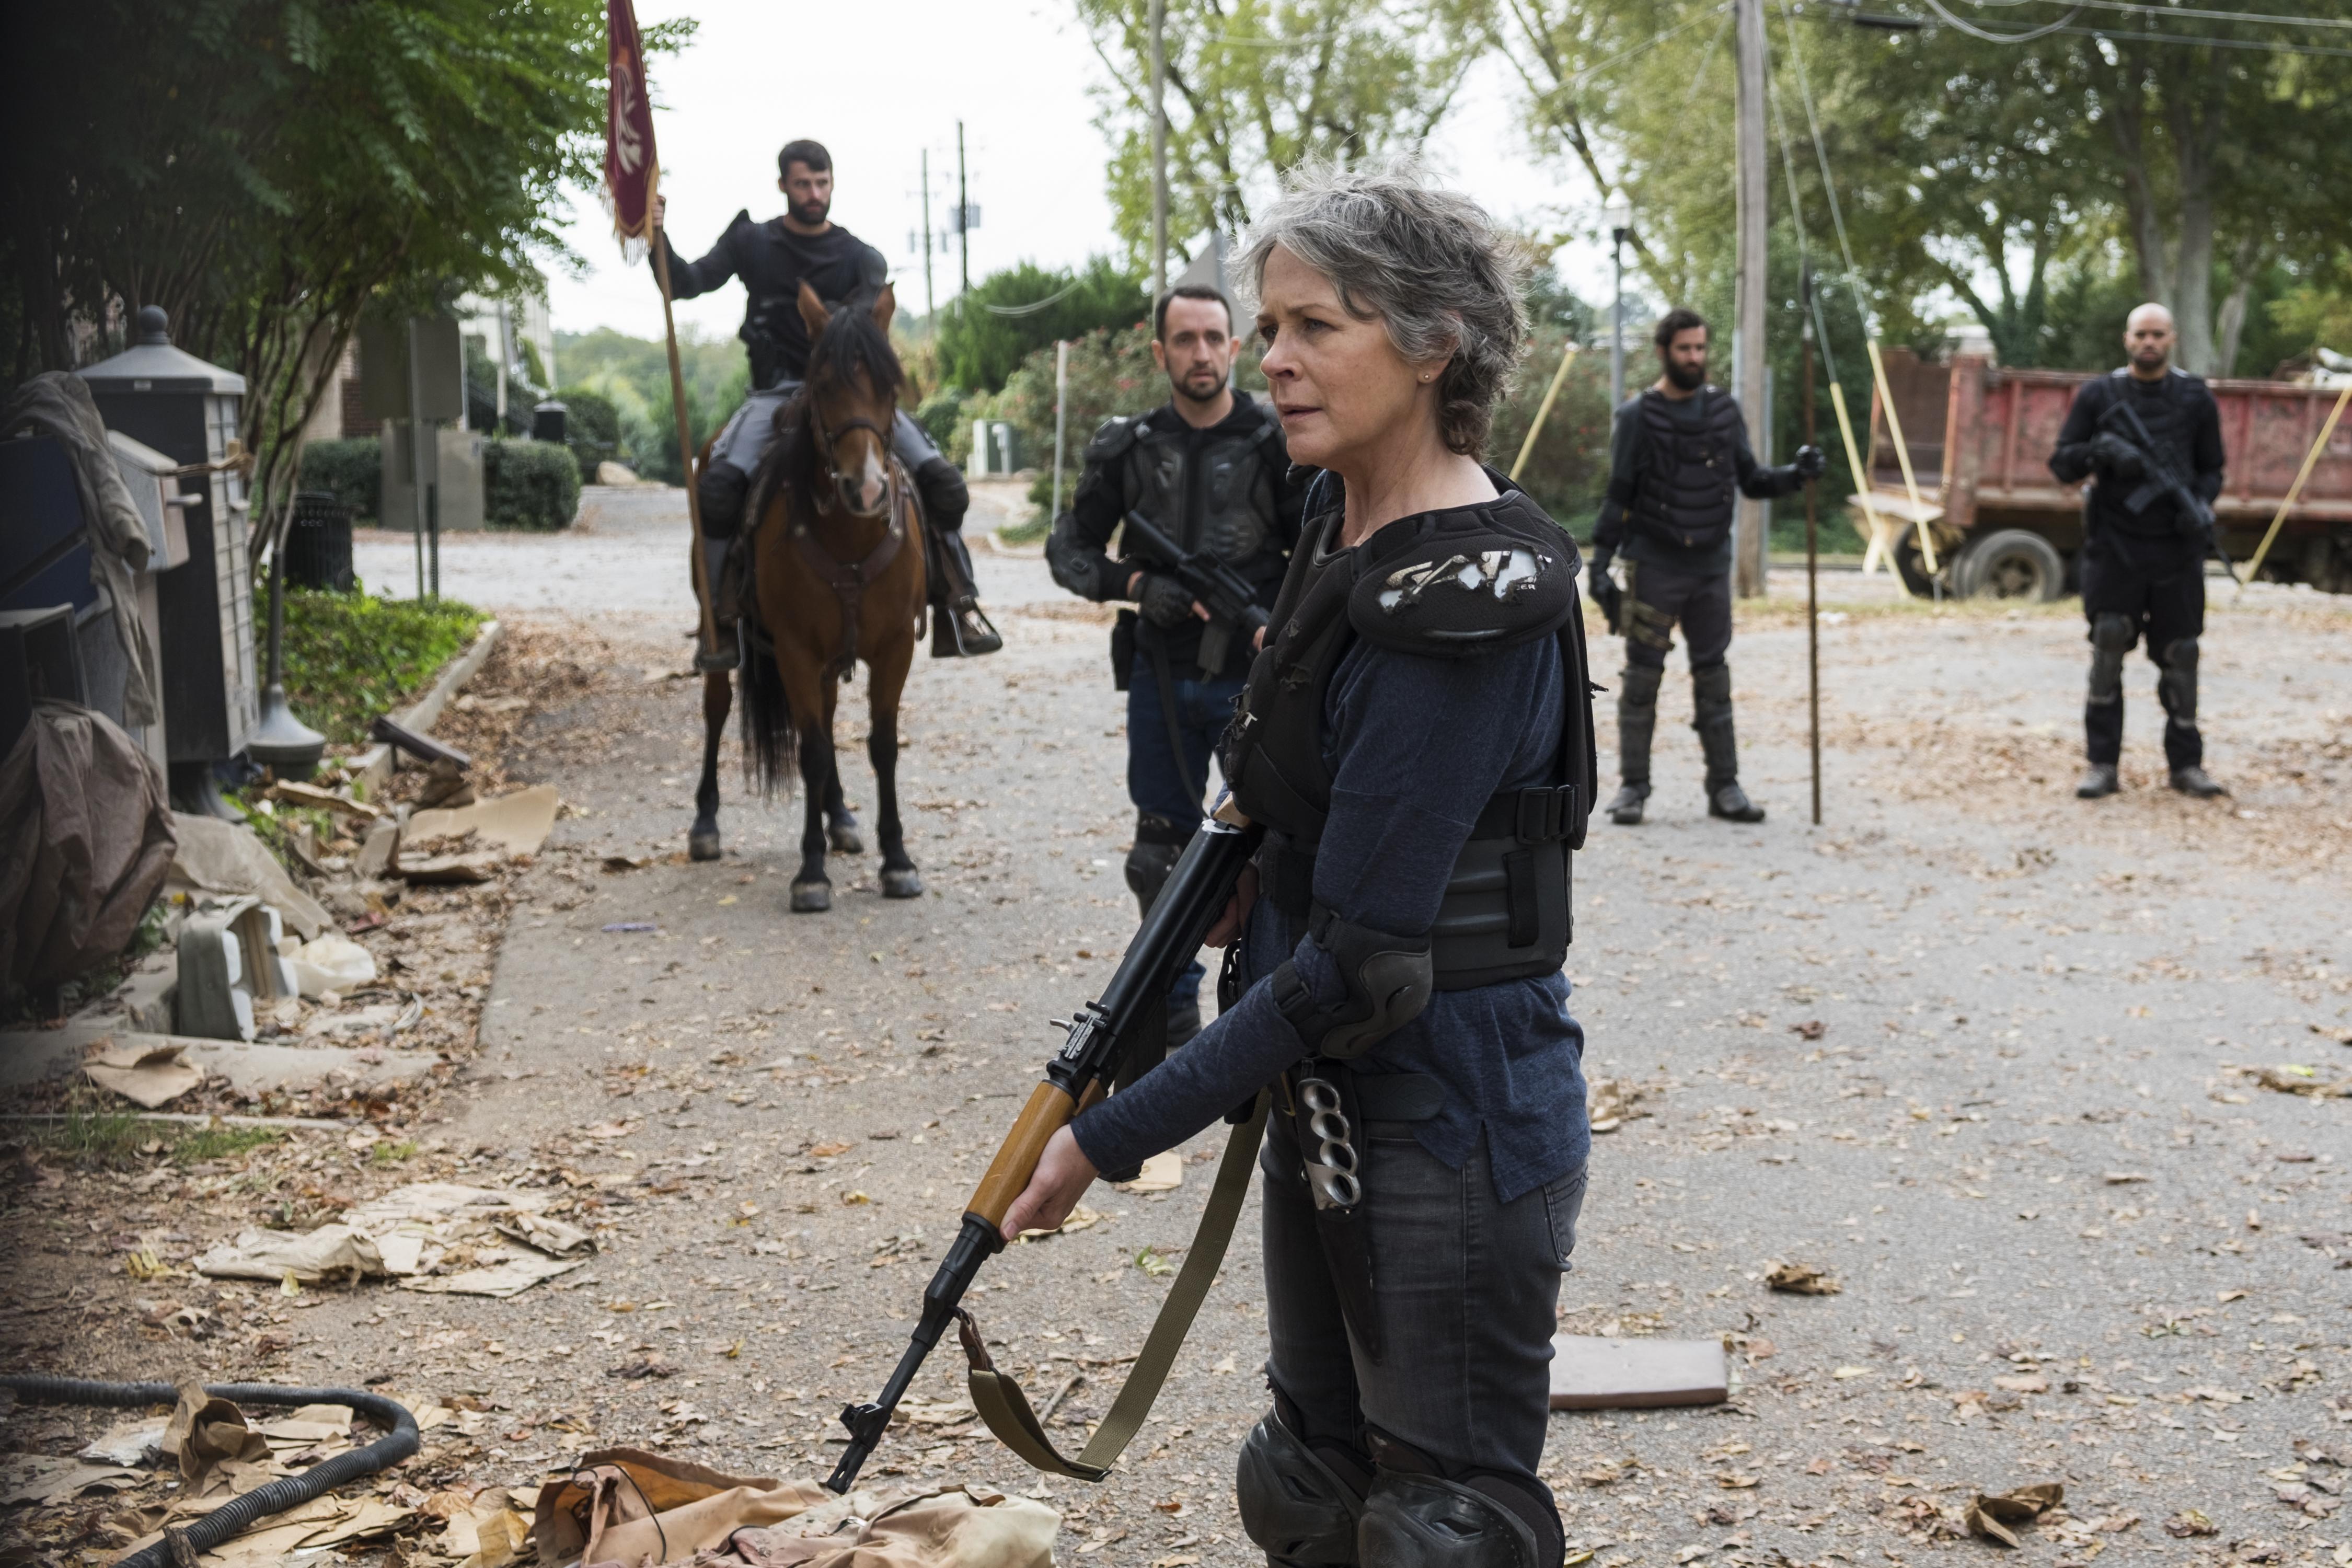 Walking Dead: The Walking Dead Season 8 Starts Filming As A WGA Strike Looms